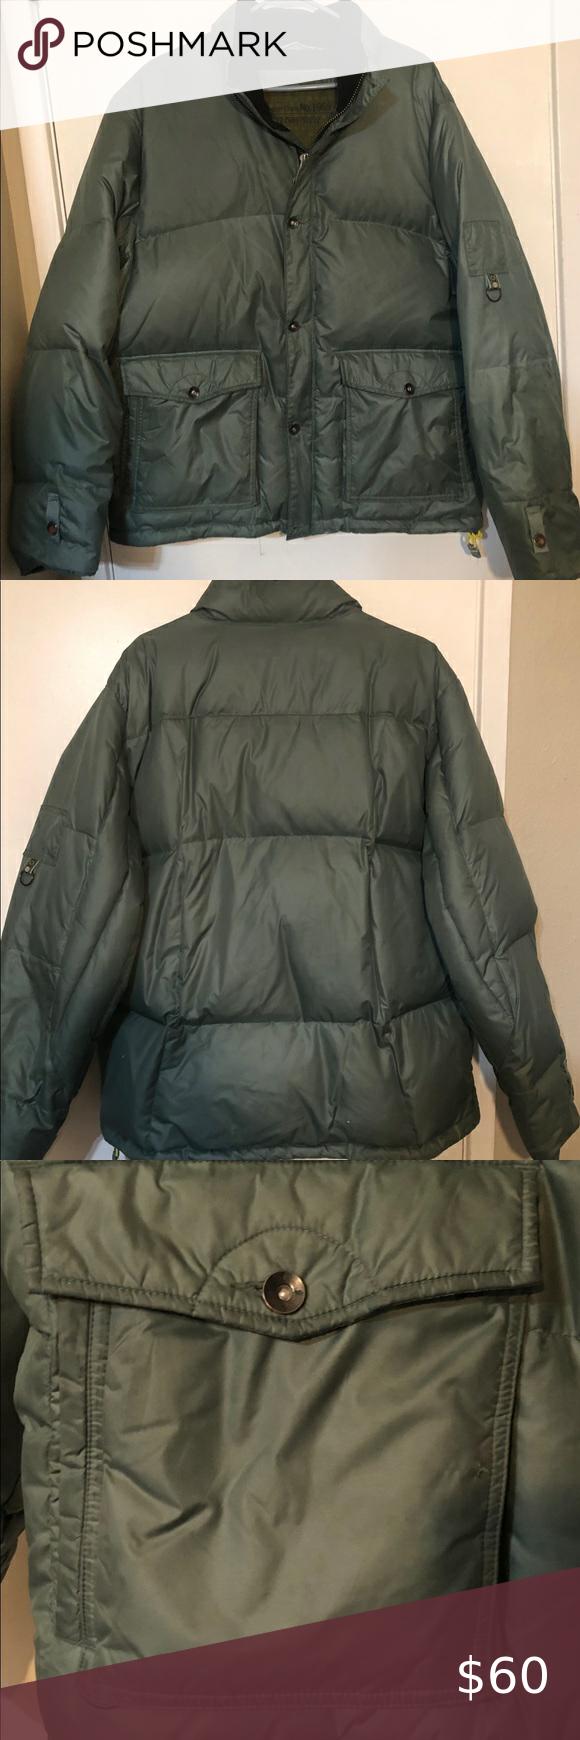 Men S Green Khaki Gap Puffer Coat Size Large Puffer Coat Khaki Gap Jacket [ 1740 x 580 Pixel ]